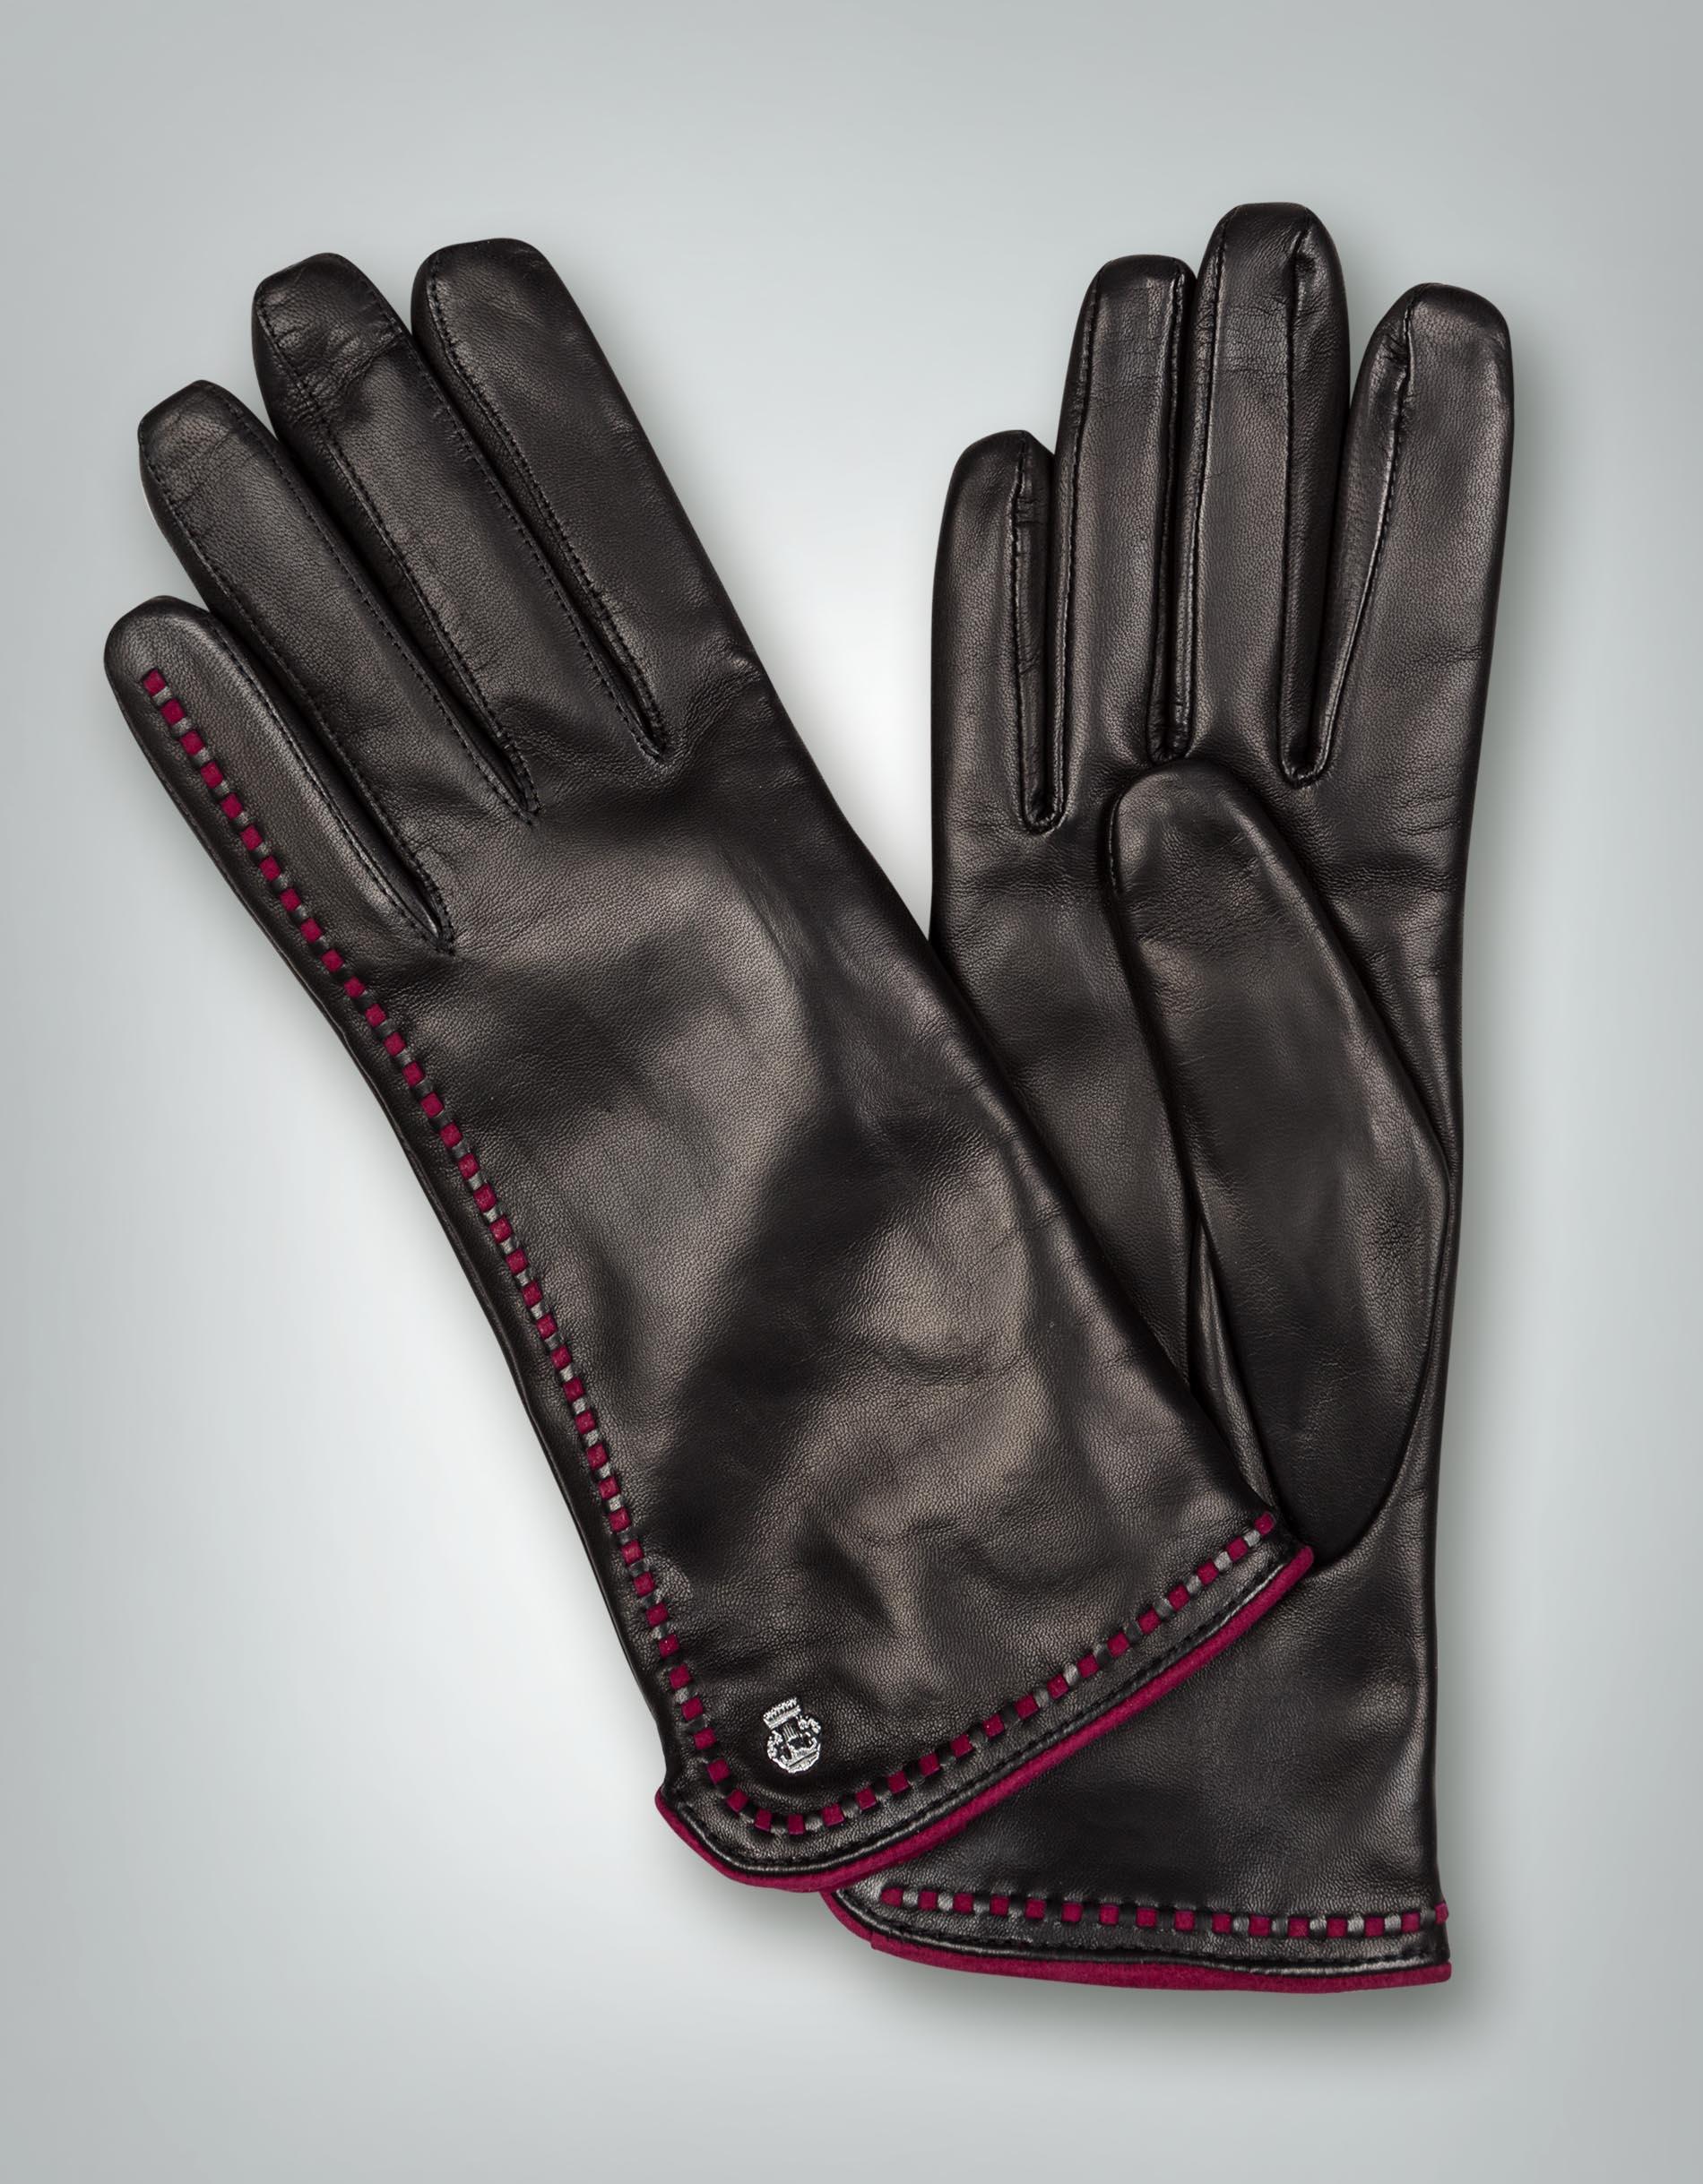 roeckl damen handschuhe leder mit ziernaht empfohlen von. Black Bedroom Furniture Sets. Home Design Ideas